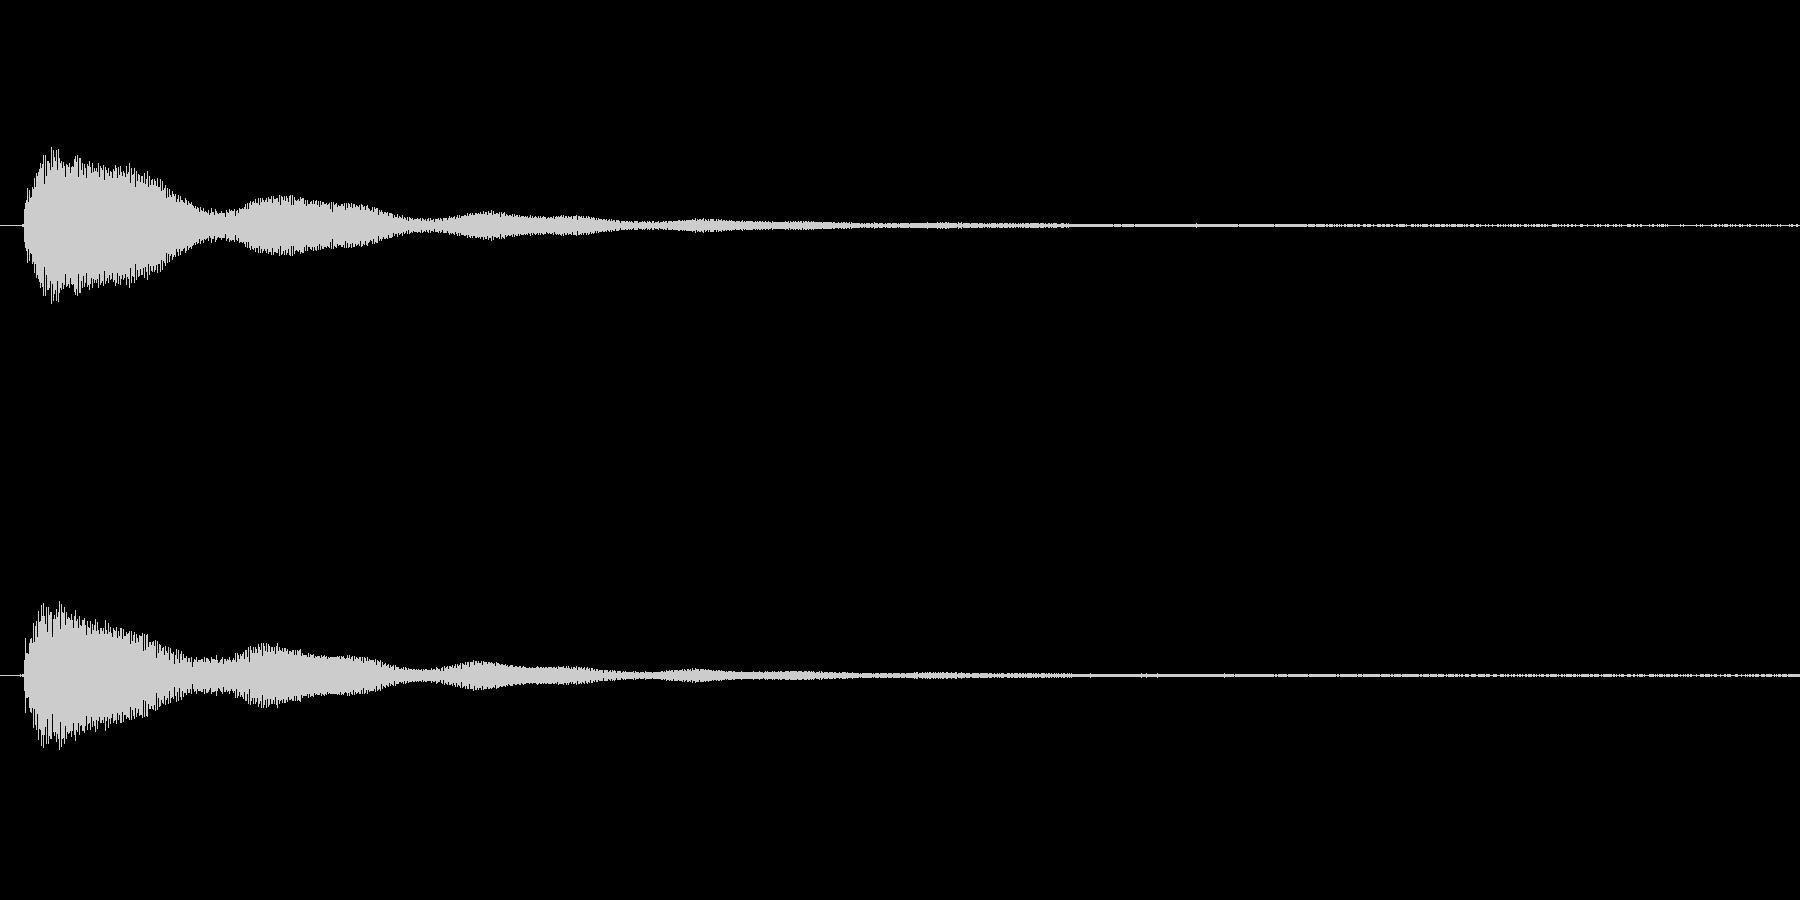 鐘の音 (大1発)の未再生の波形